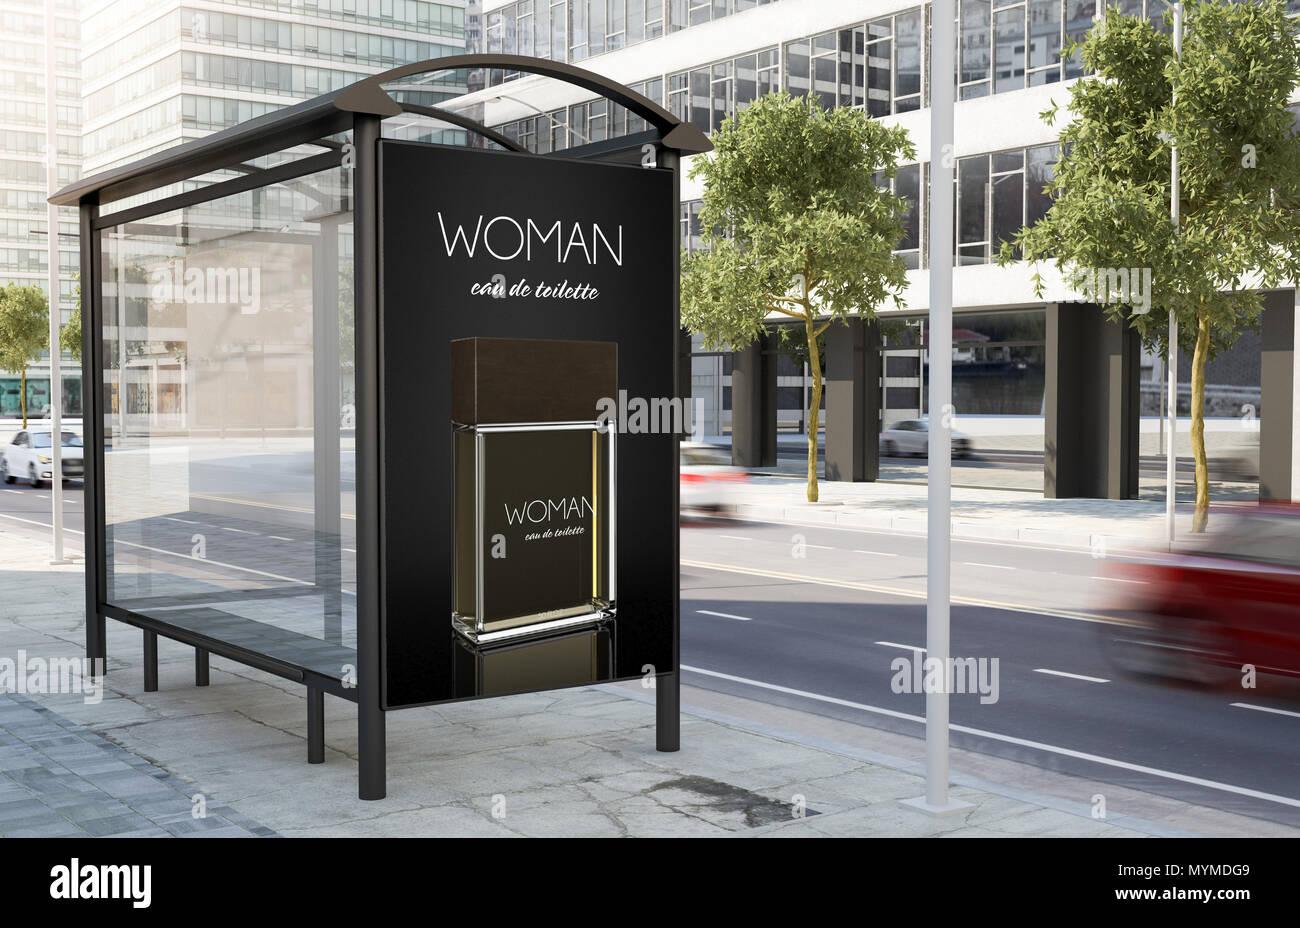 arr t de bus parfum panneau publicitaire dans la rue le rendu 3d banque d 39 images photo stock. Black Bedroom Furniture Sets. Home Design Ideas